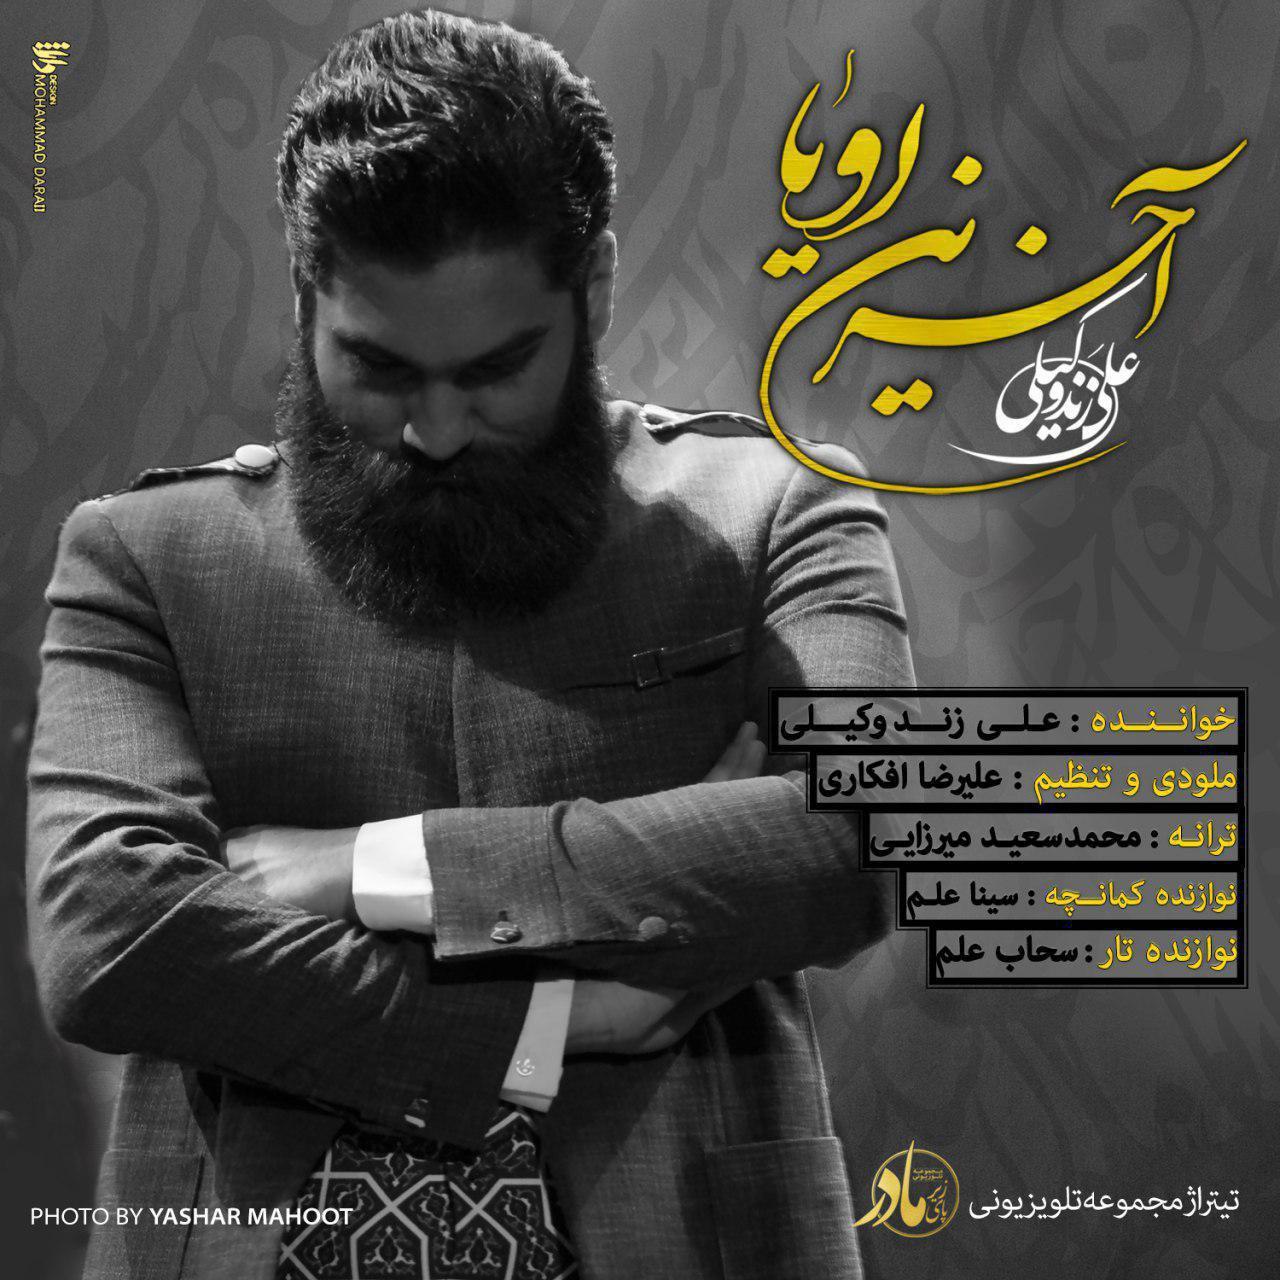 آخرین رویا - علی زند وکیلی